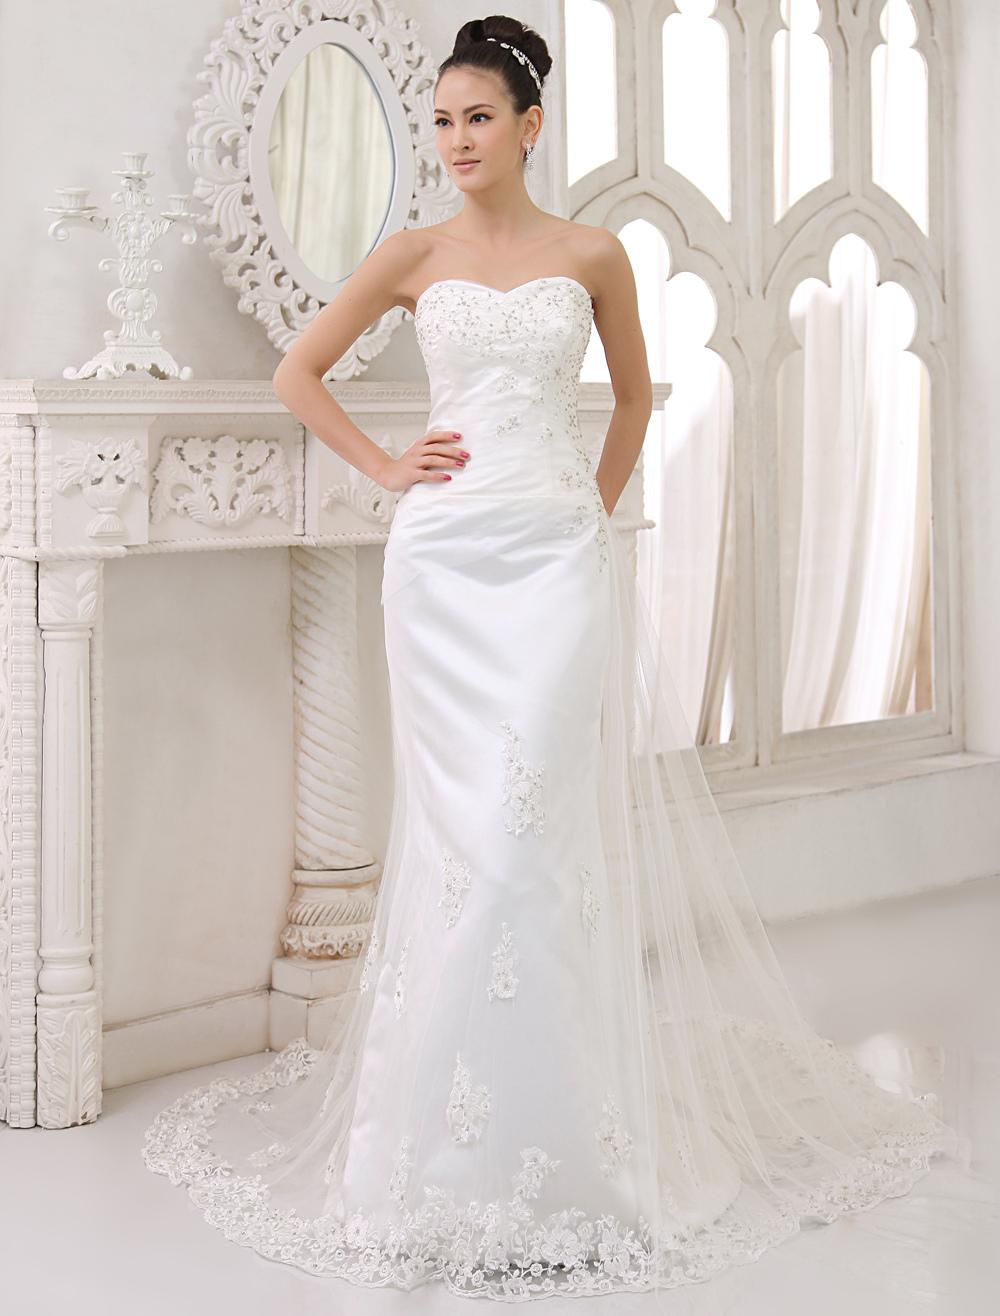 Vestidos de noiva em cetim e renda